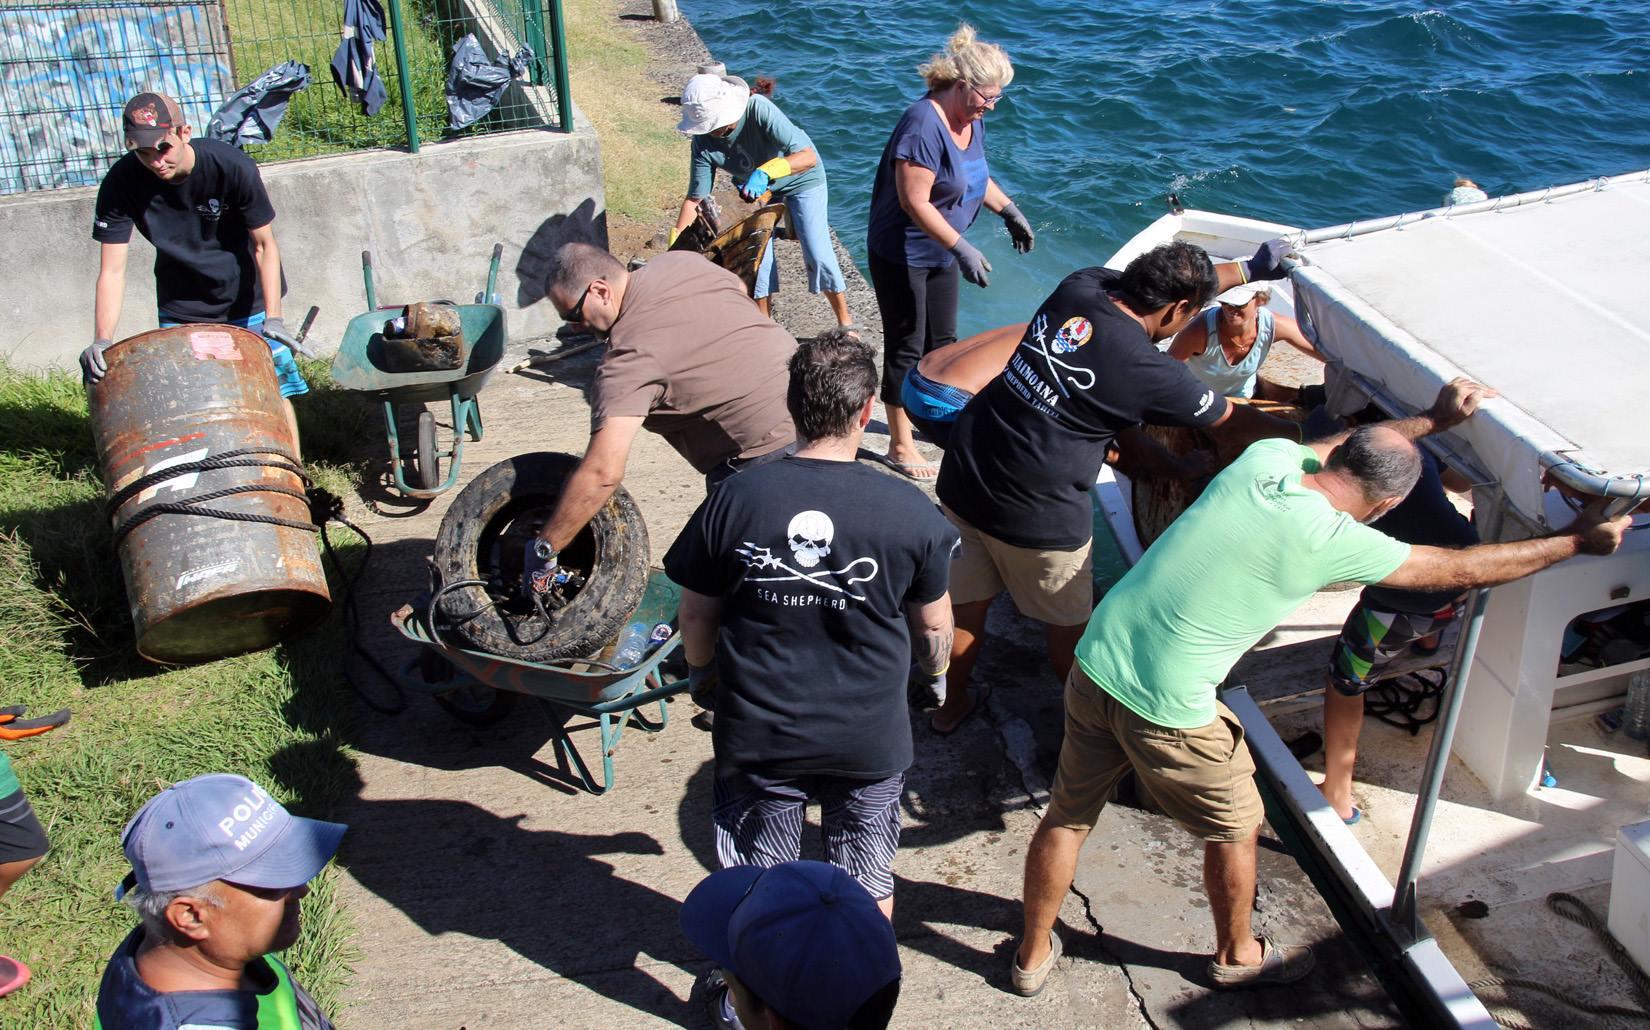 Scuba Teck et Sea Shepherd étaient toujours aussi actifs avec des bénévoles du Yacht club de Tahiti et du club de plongée pour nettoyer les fonds proches de notre lagon.